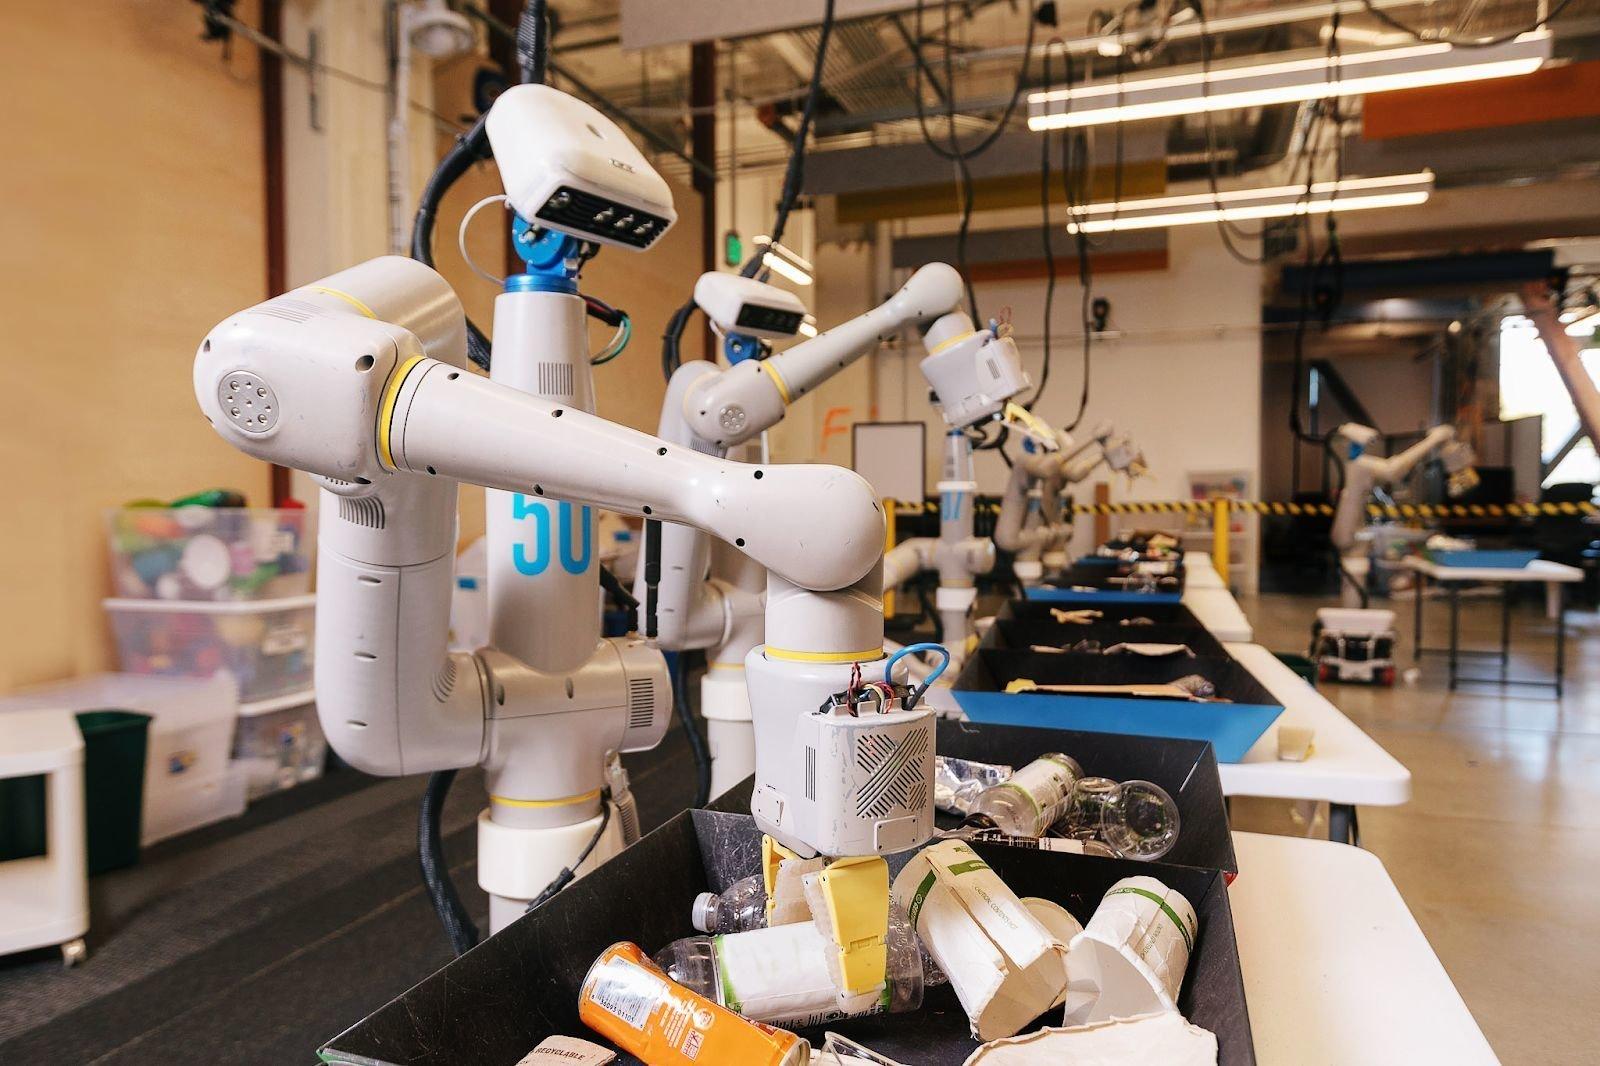 Hayatımıza Ev İşlerine Yardım Eden Robotlar Giriyor